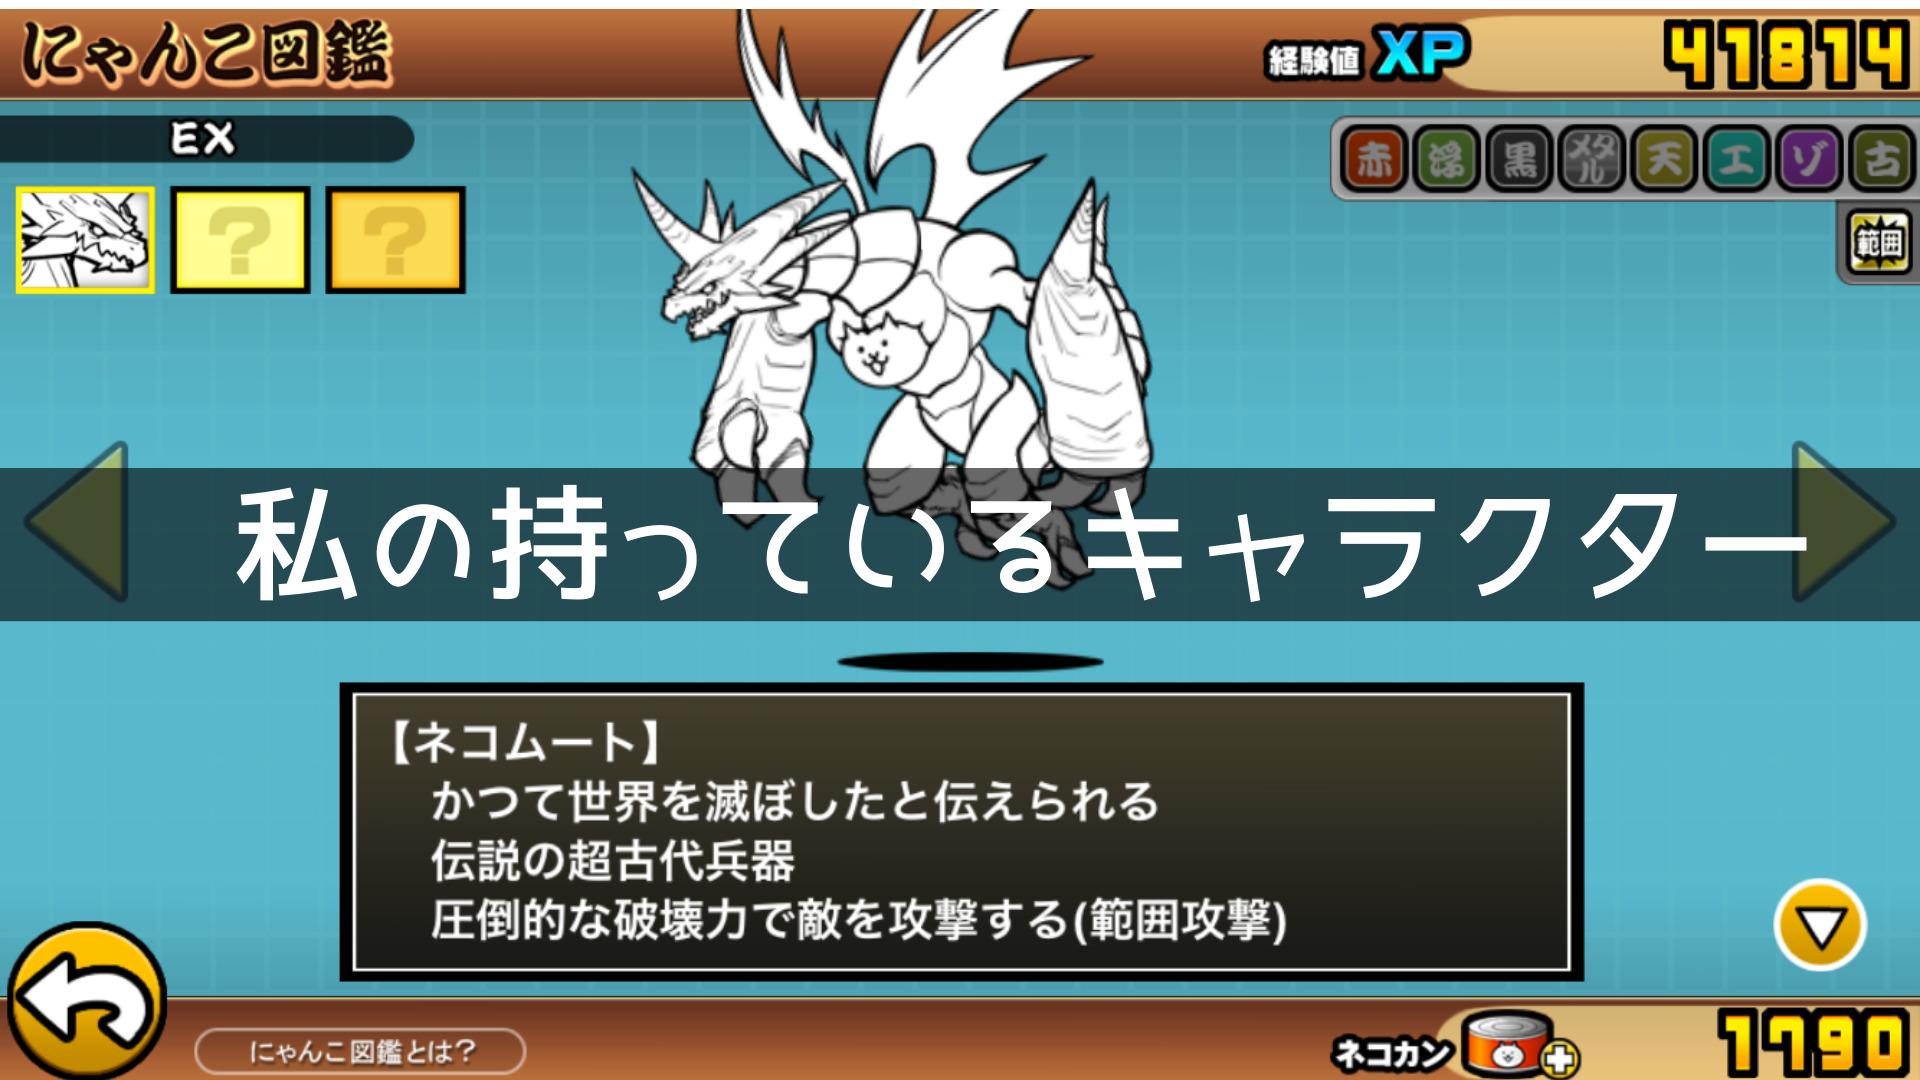 にゃんこ大戦争 キャラクター